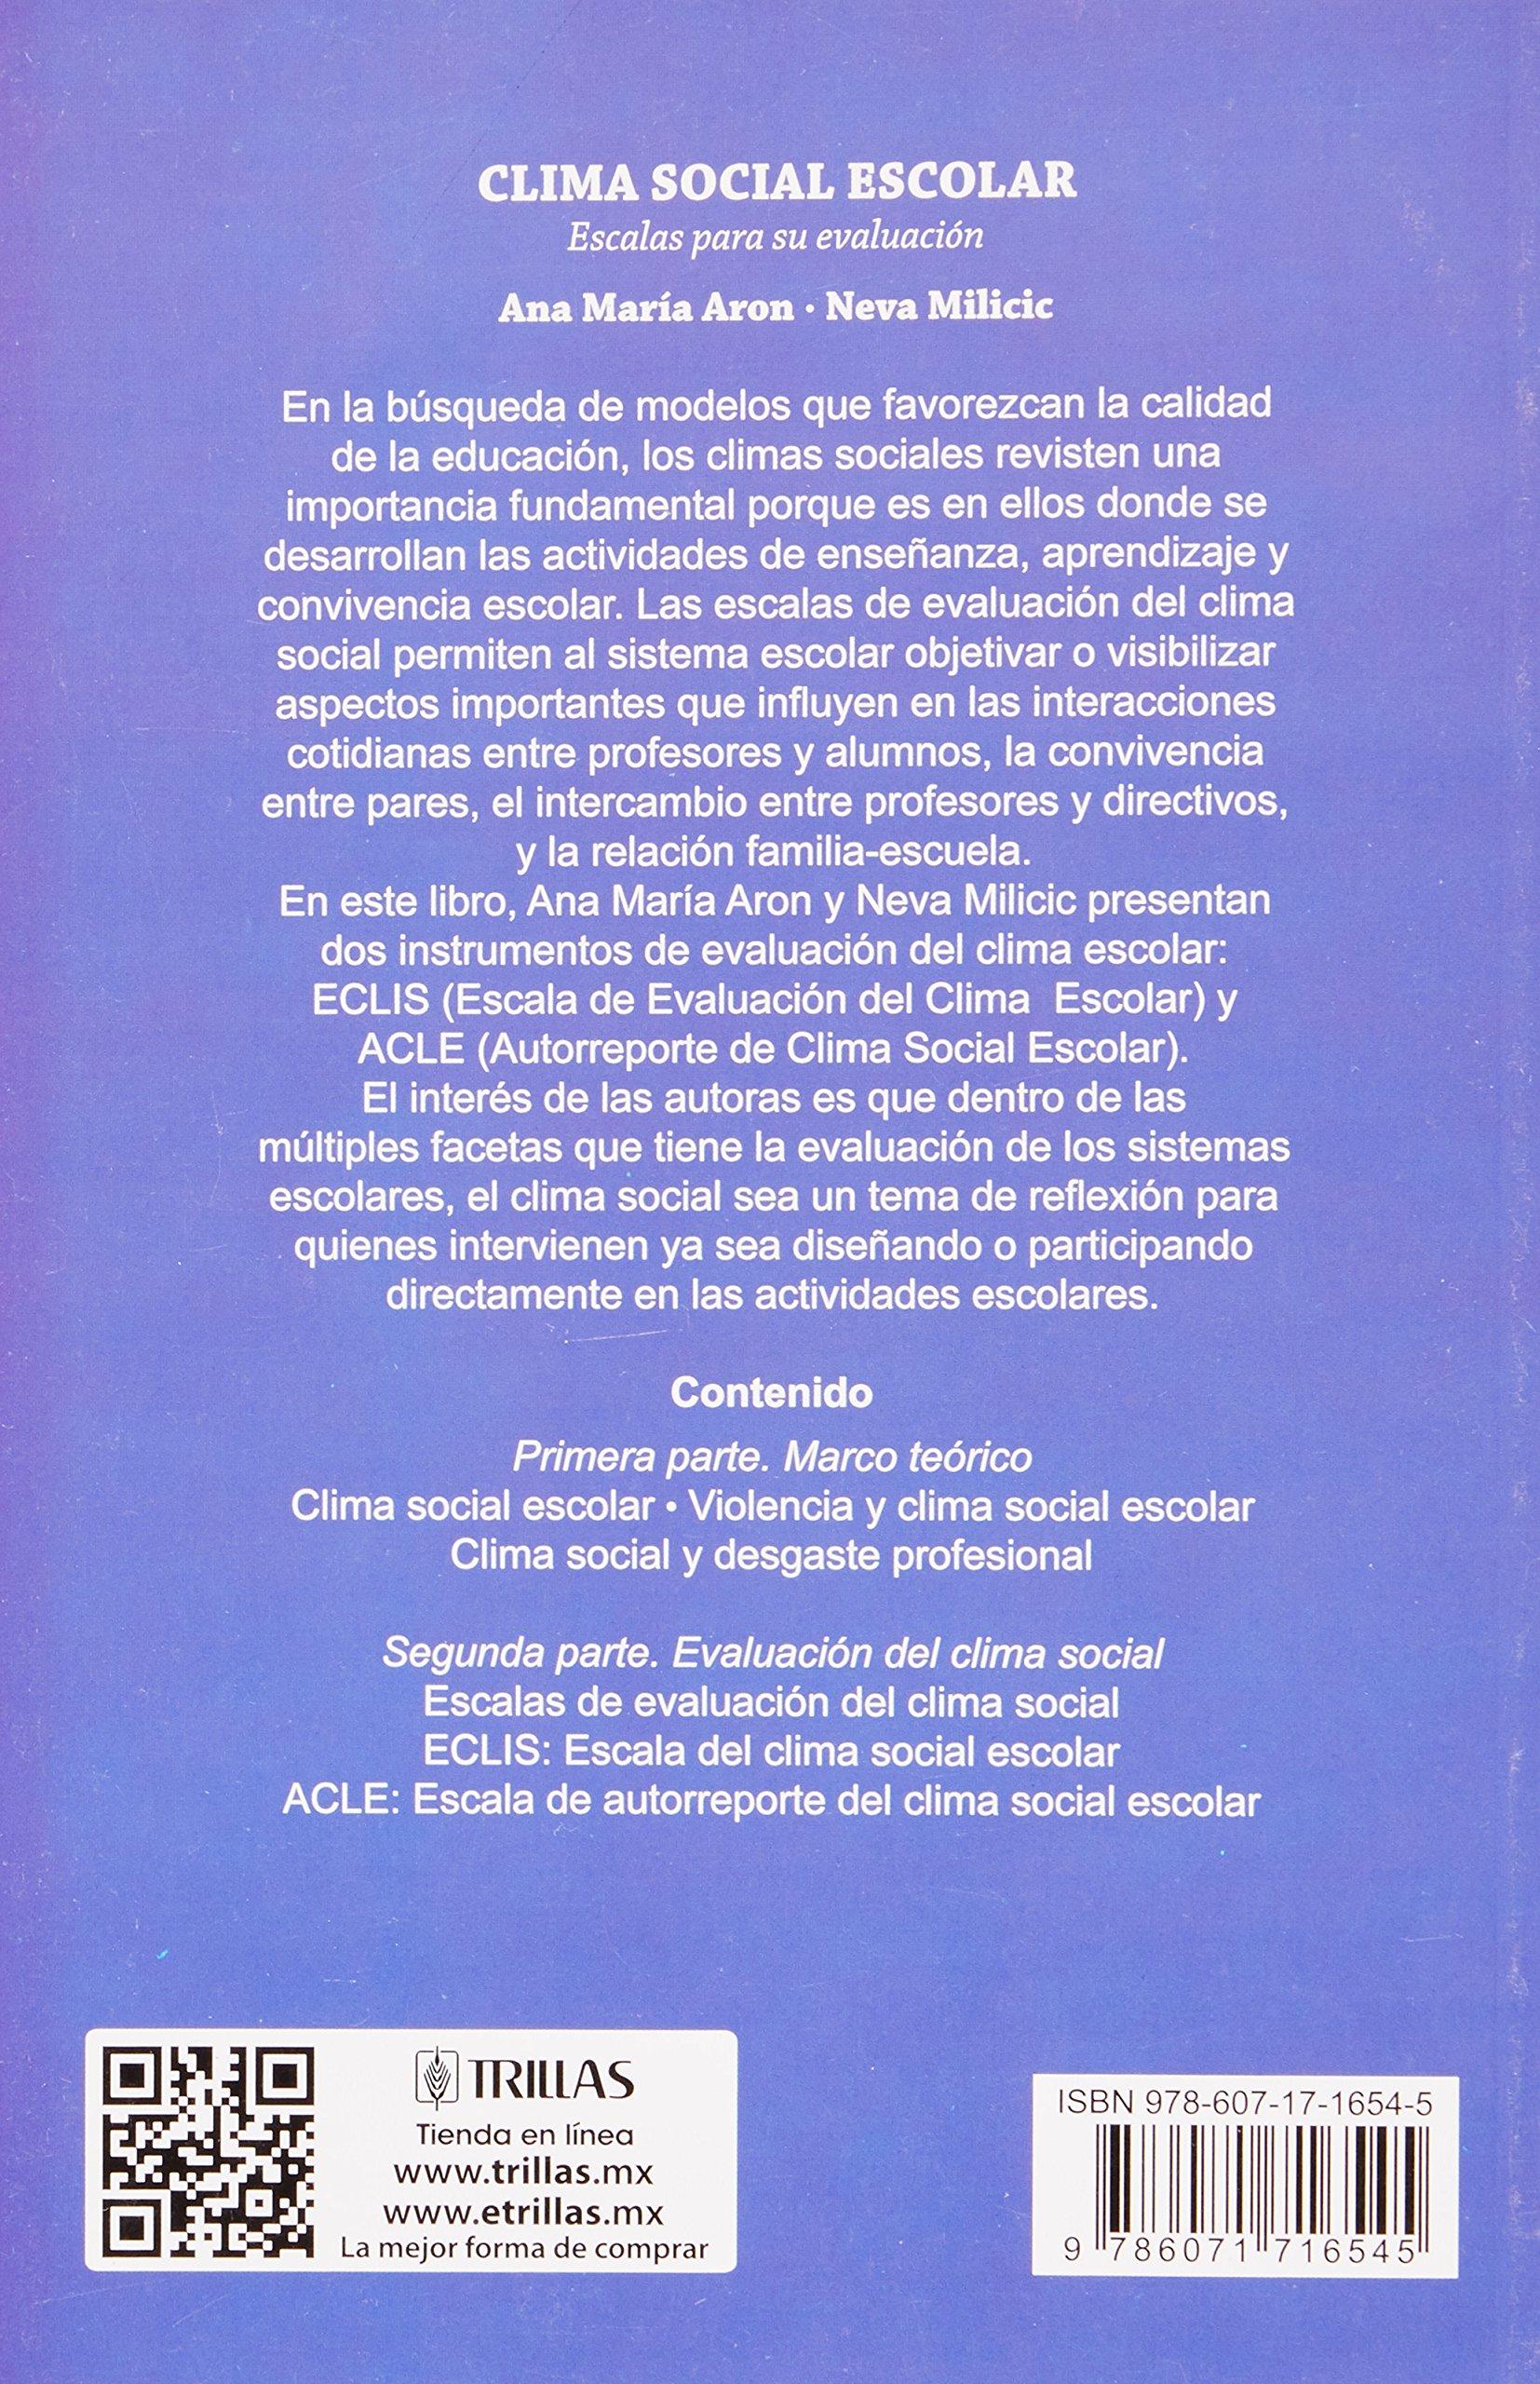 CLIMA SOCIAL ESCOLAR EPUB